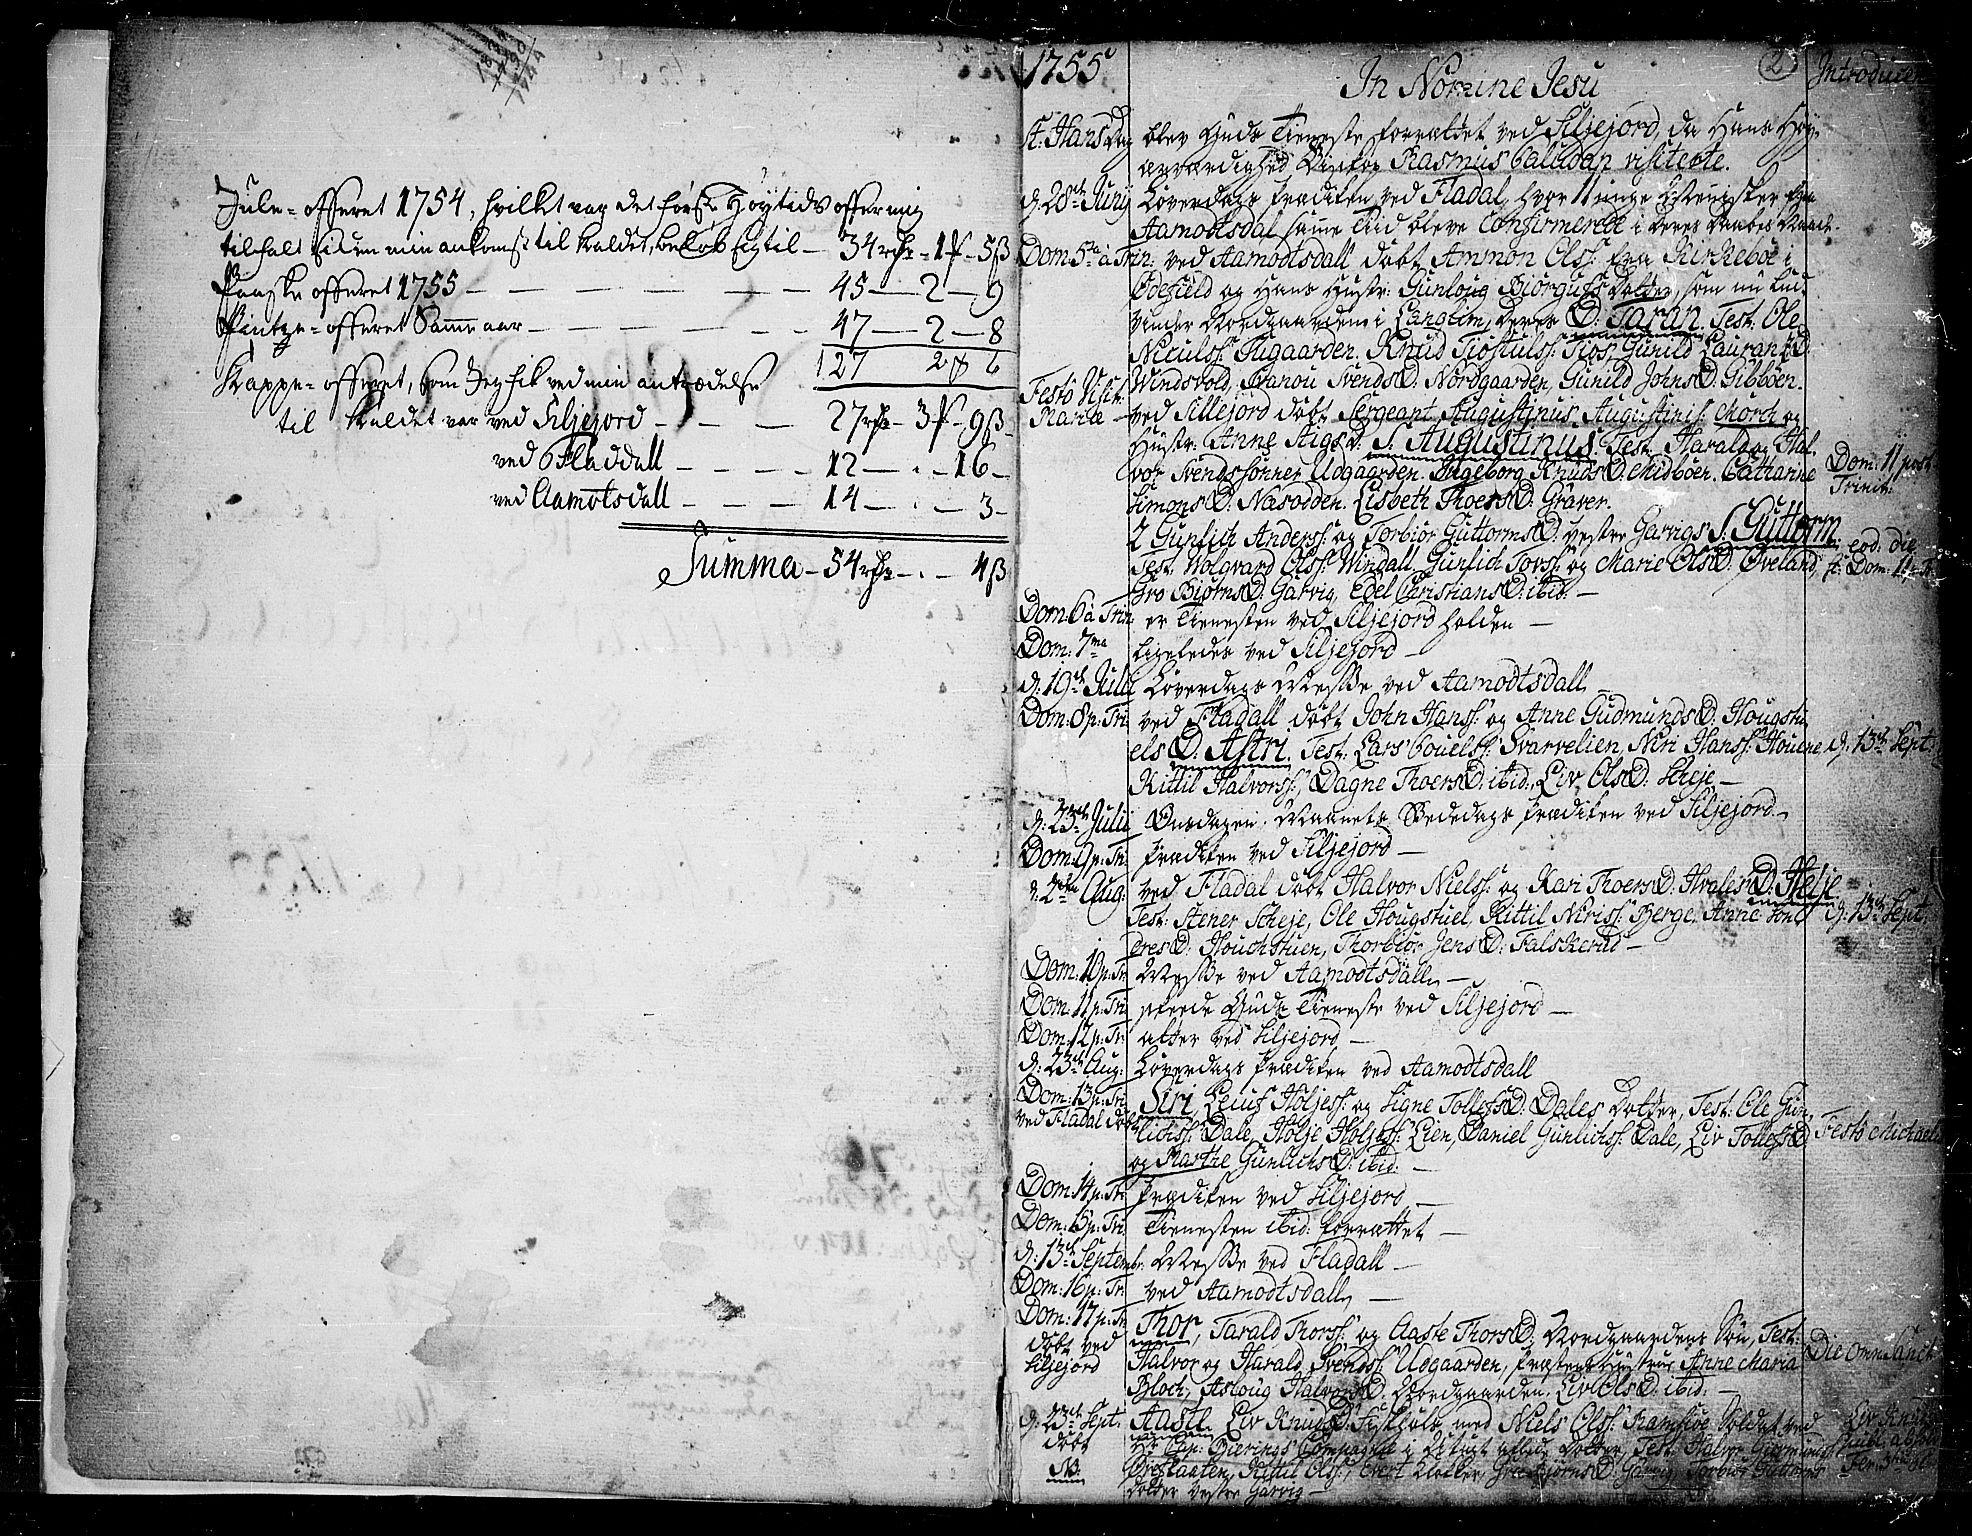 SAKO, Seljord kirkebøker, F/Fa/L0007: Ministerialbok nr. I 7, 1755-1800, s. 2